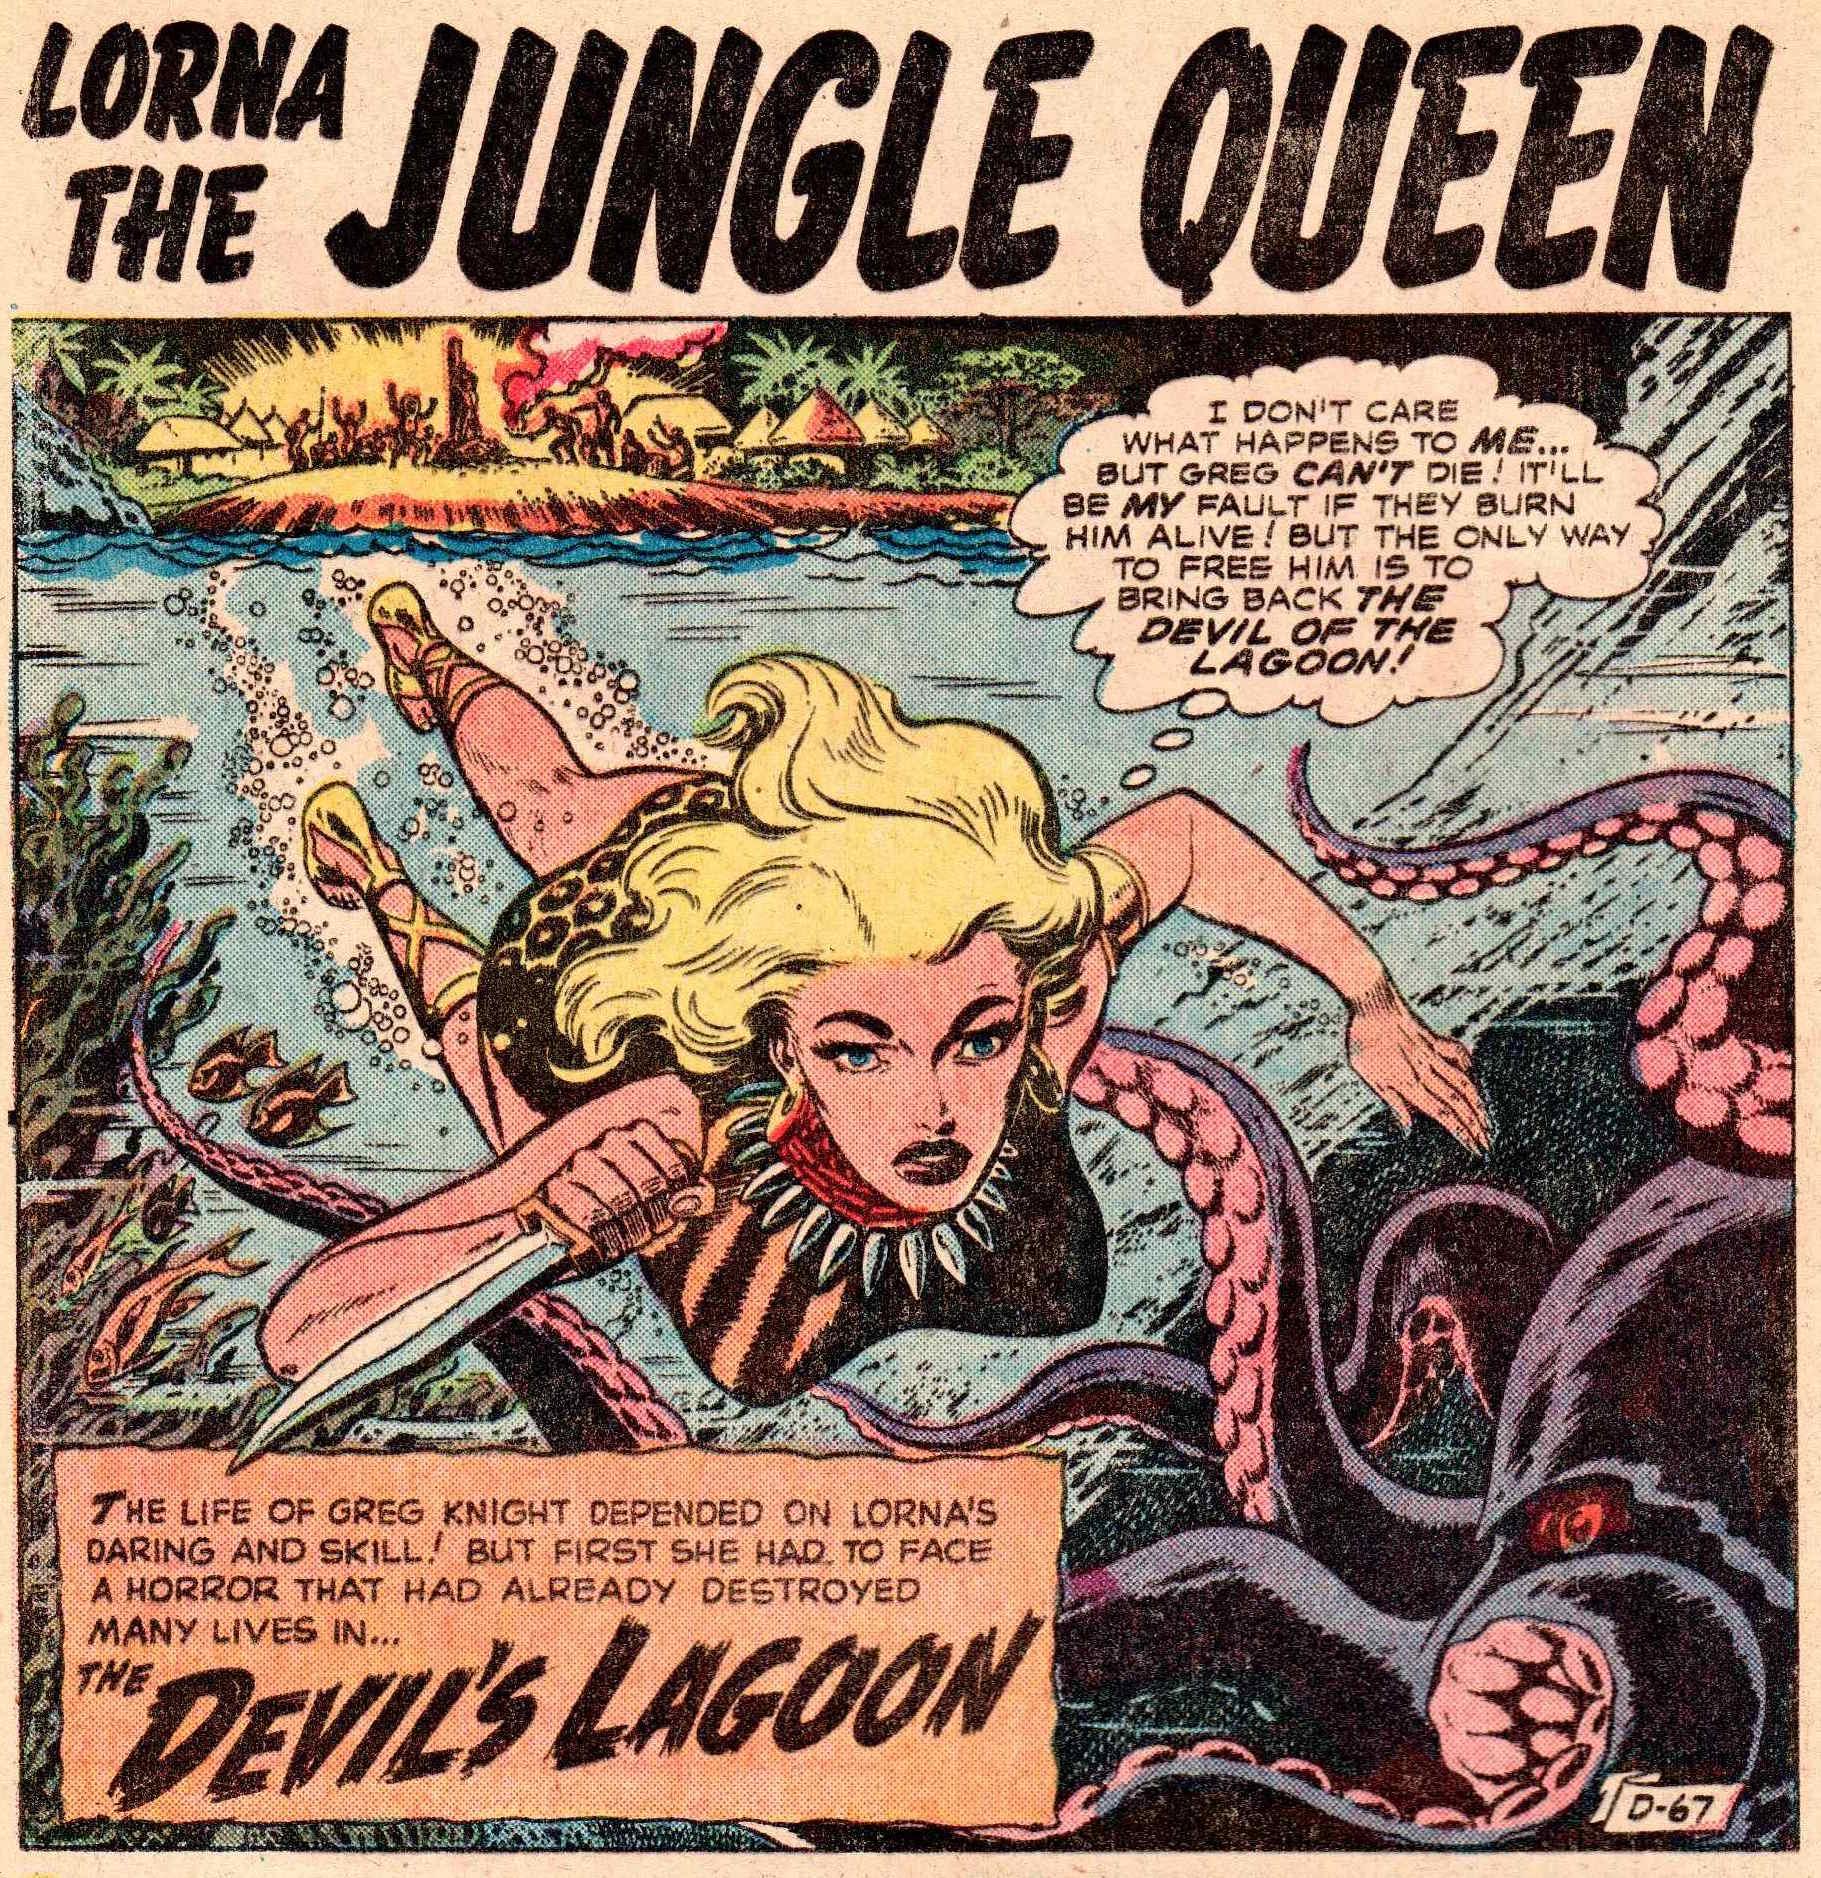 Lorna the Jungle Queen #4-devil's lagoon